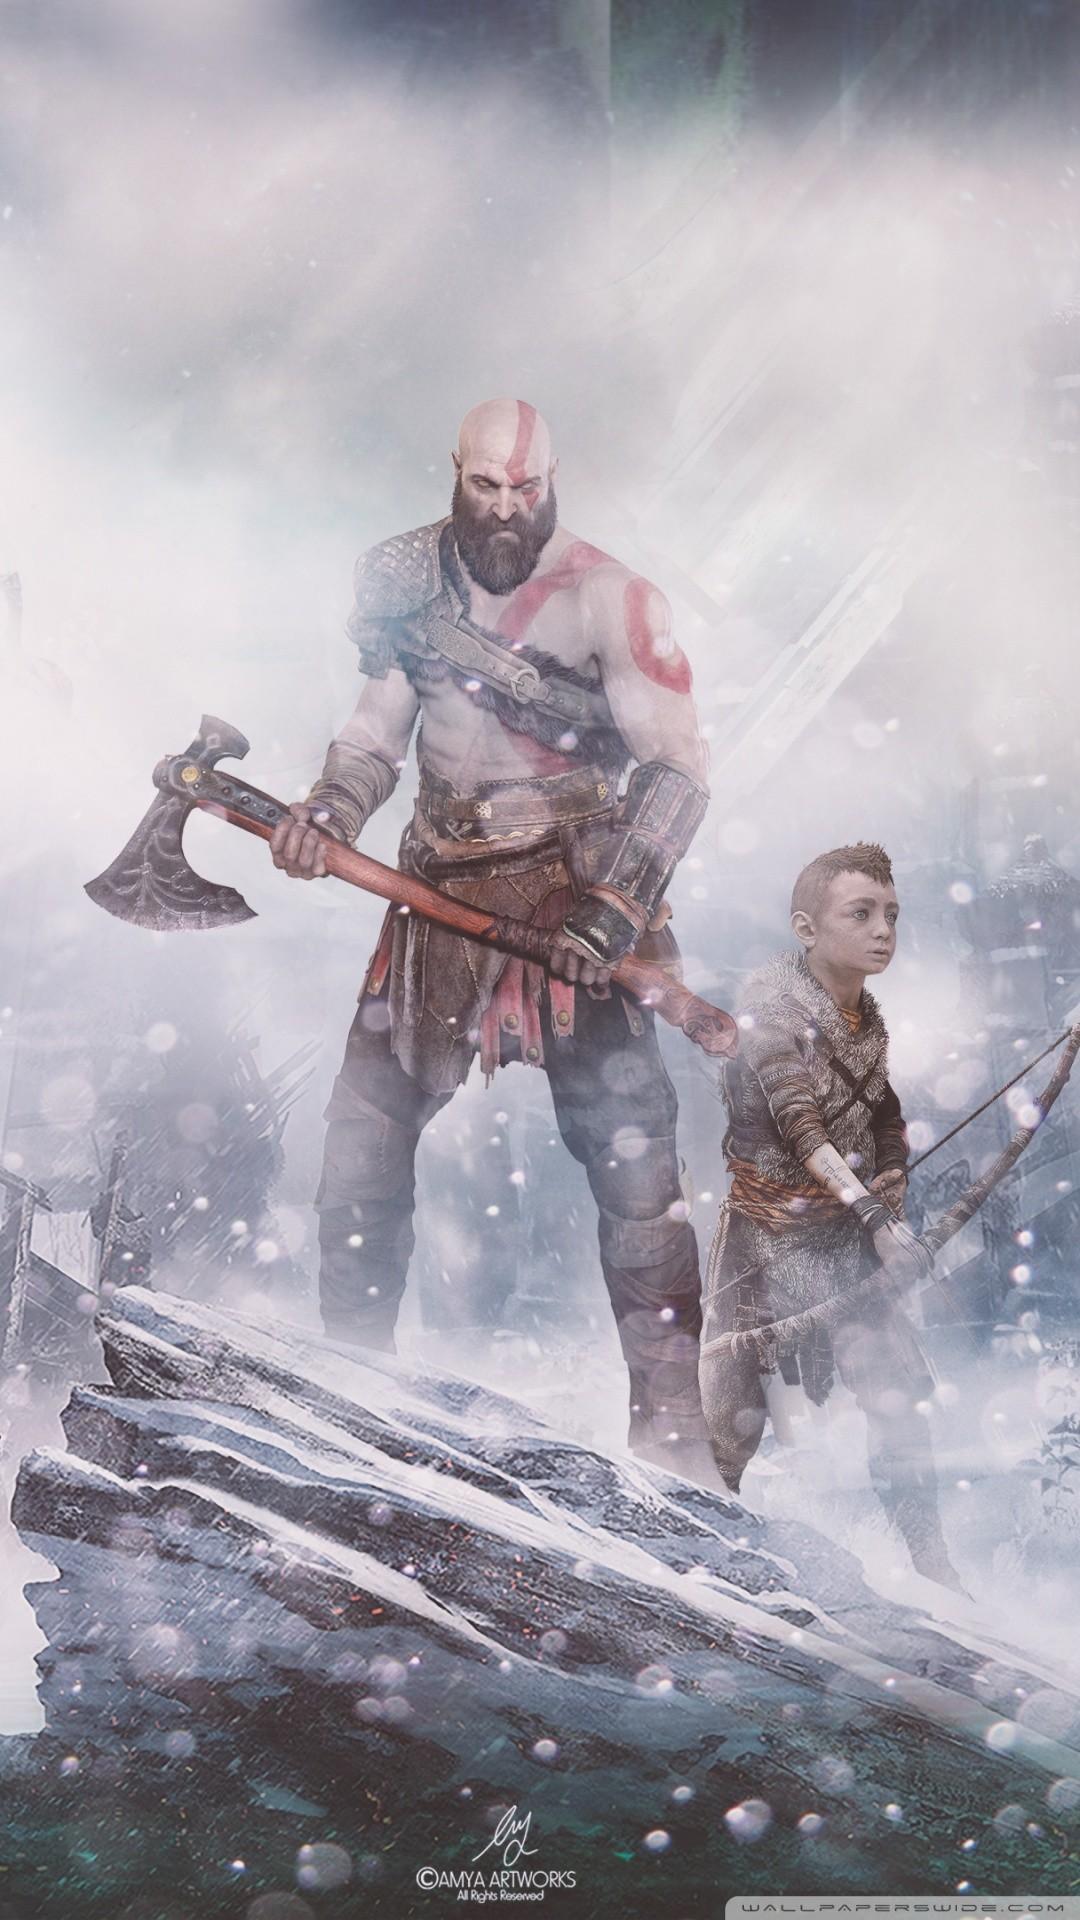 Free God of War (PS4) Norse mythology phone wallpaper by vorer